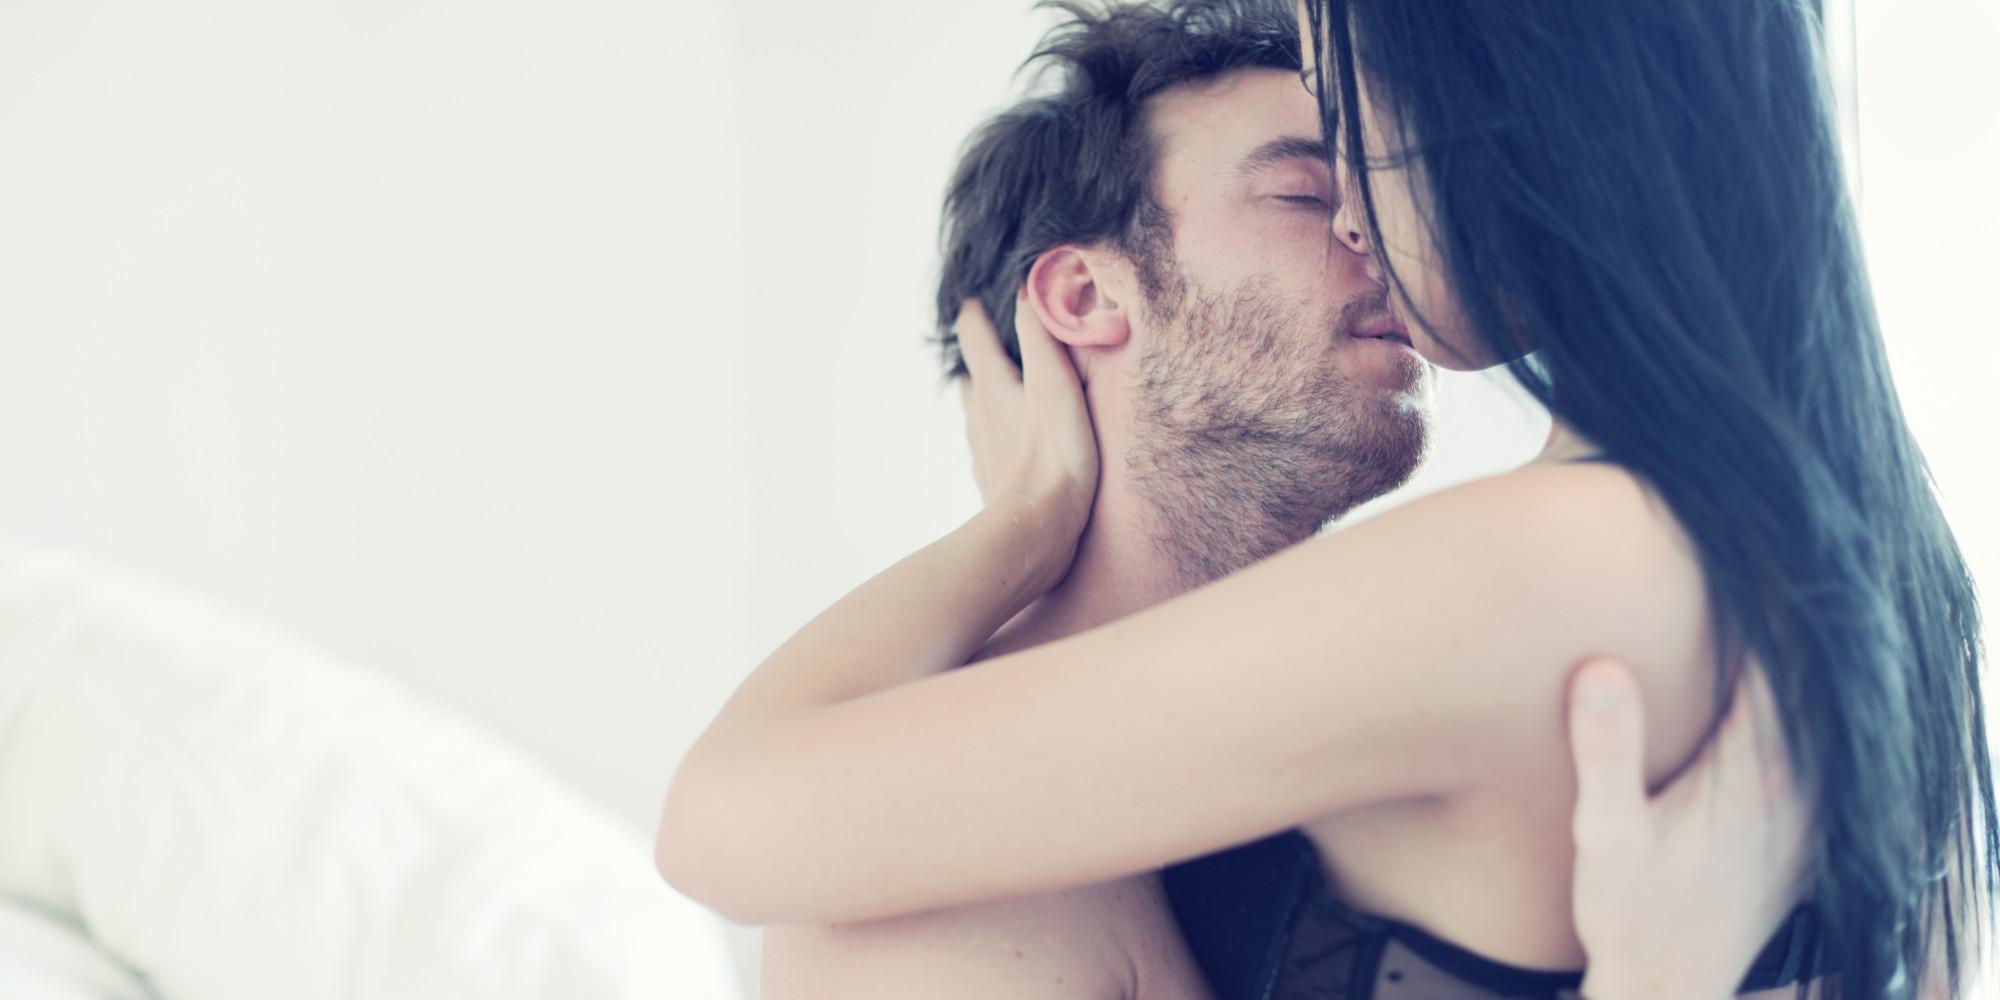 hogyan lehet elérni egy lövellt orgazmust